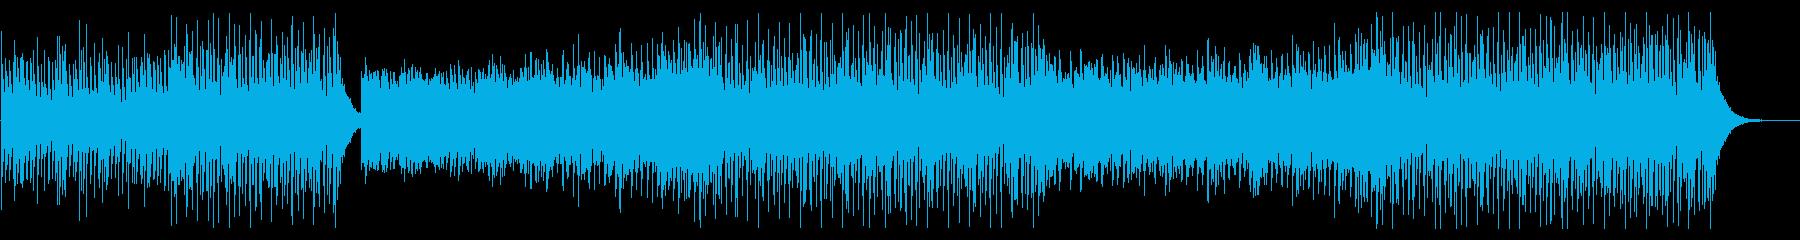 夏にぴったり清涼感のあるトロピカルハウスの再生済みの波形